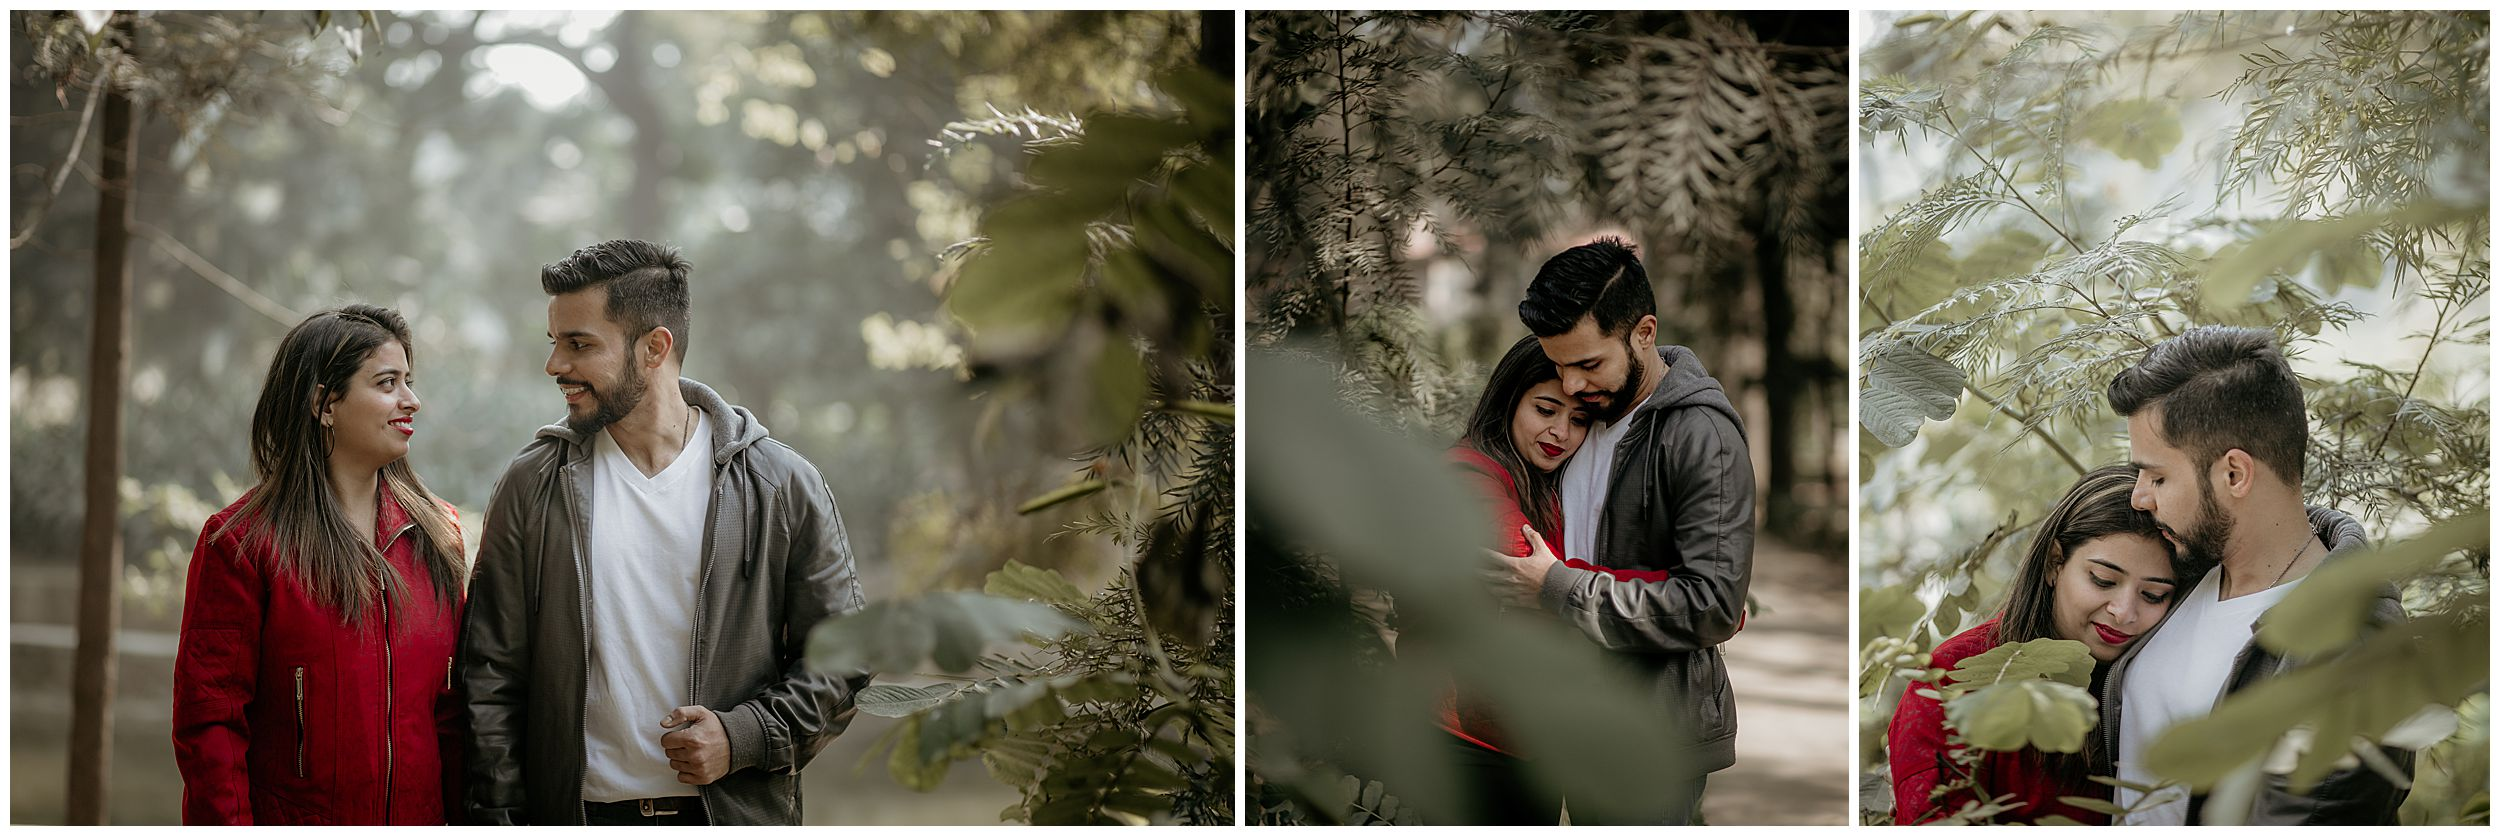 RABBYA_SHARAD_MYVISUALARTISTRY_WEDDING_PHOTOGRAPHY_MVA_DELHI12.jpg